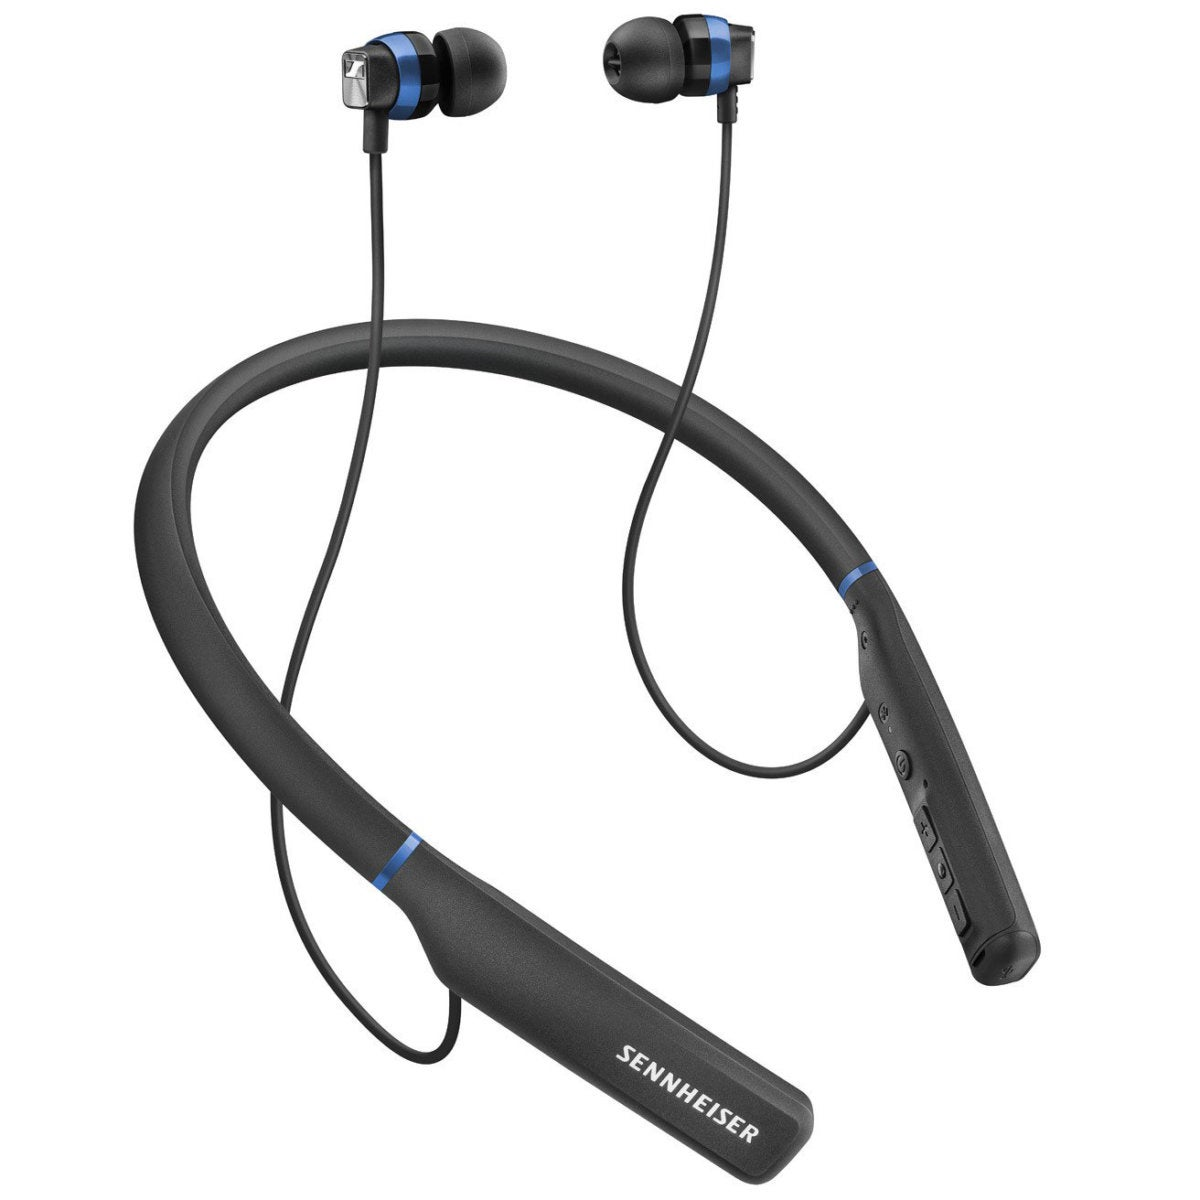 a6a20e0ef3c Sennheiser CX 7.00BT in-ear wireless earbuds review | Macworld